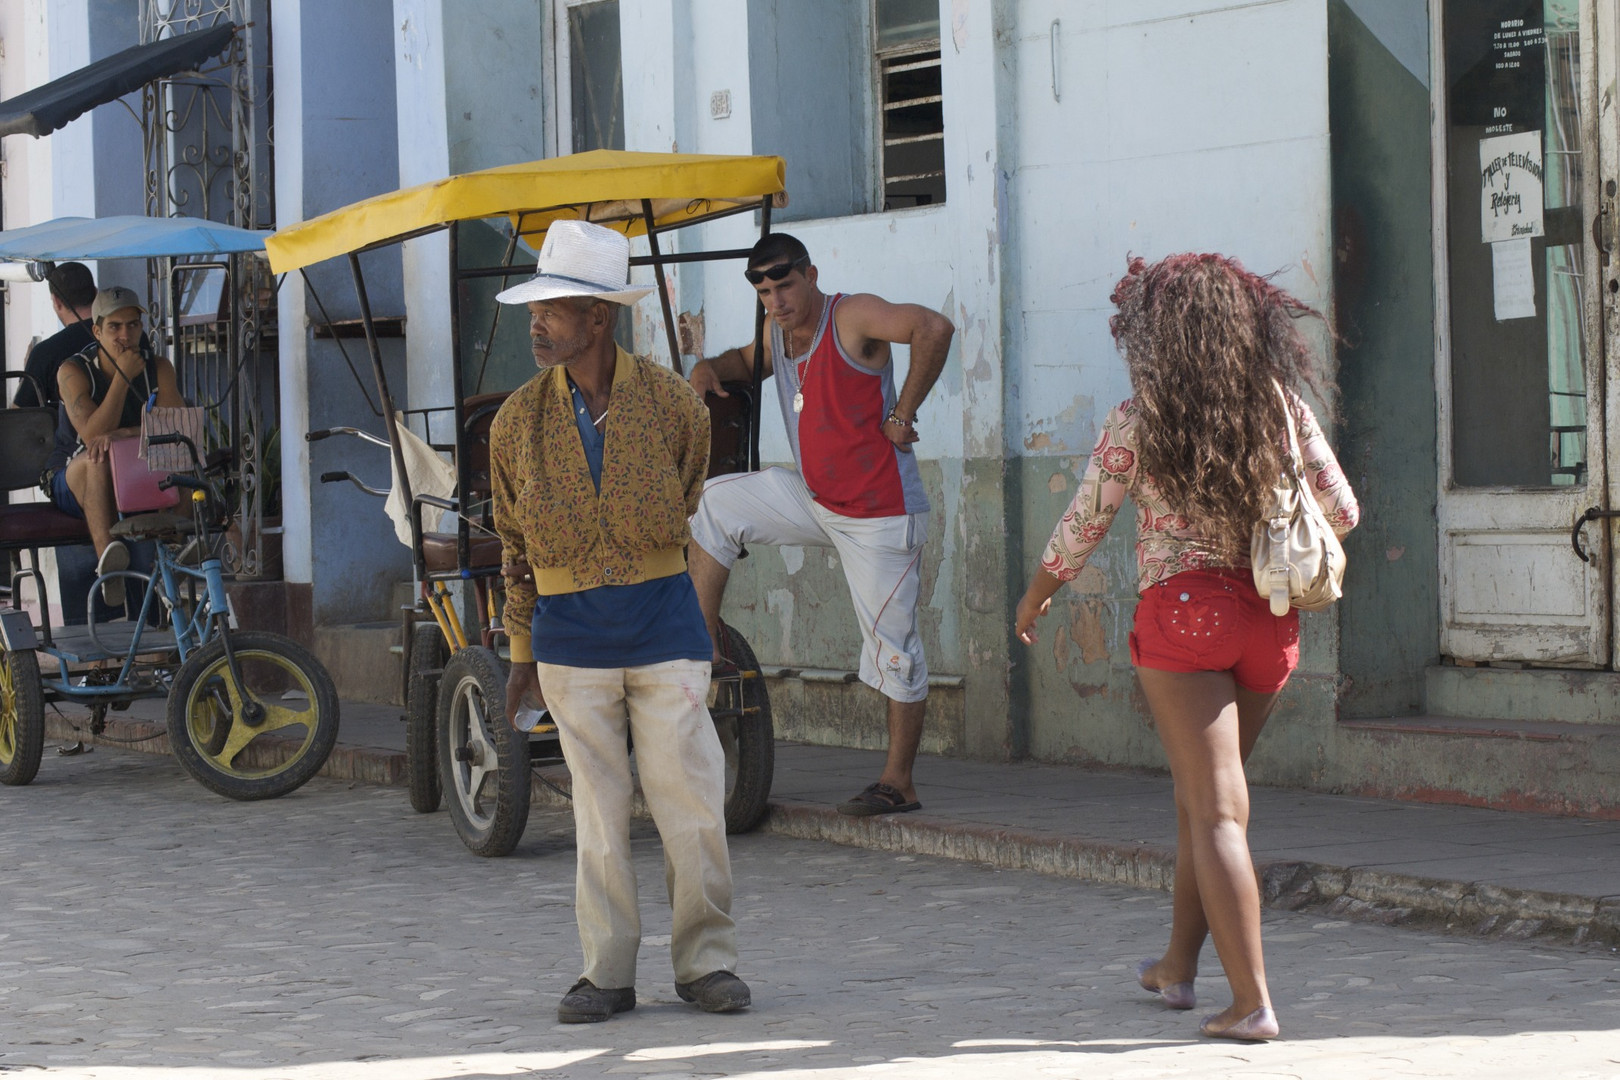 Strassenszene in Trinidad, Cuba Foto & Bild   erwachsene, die parade ...